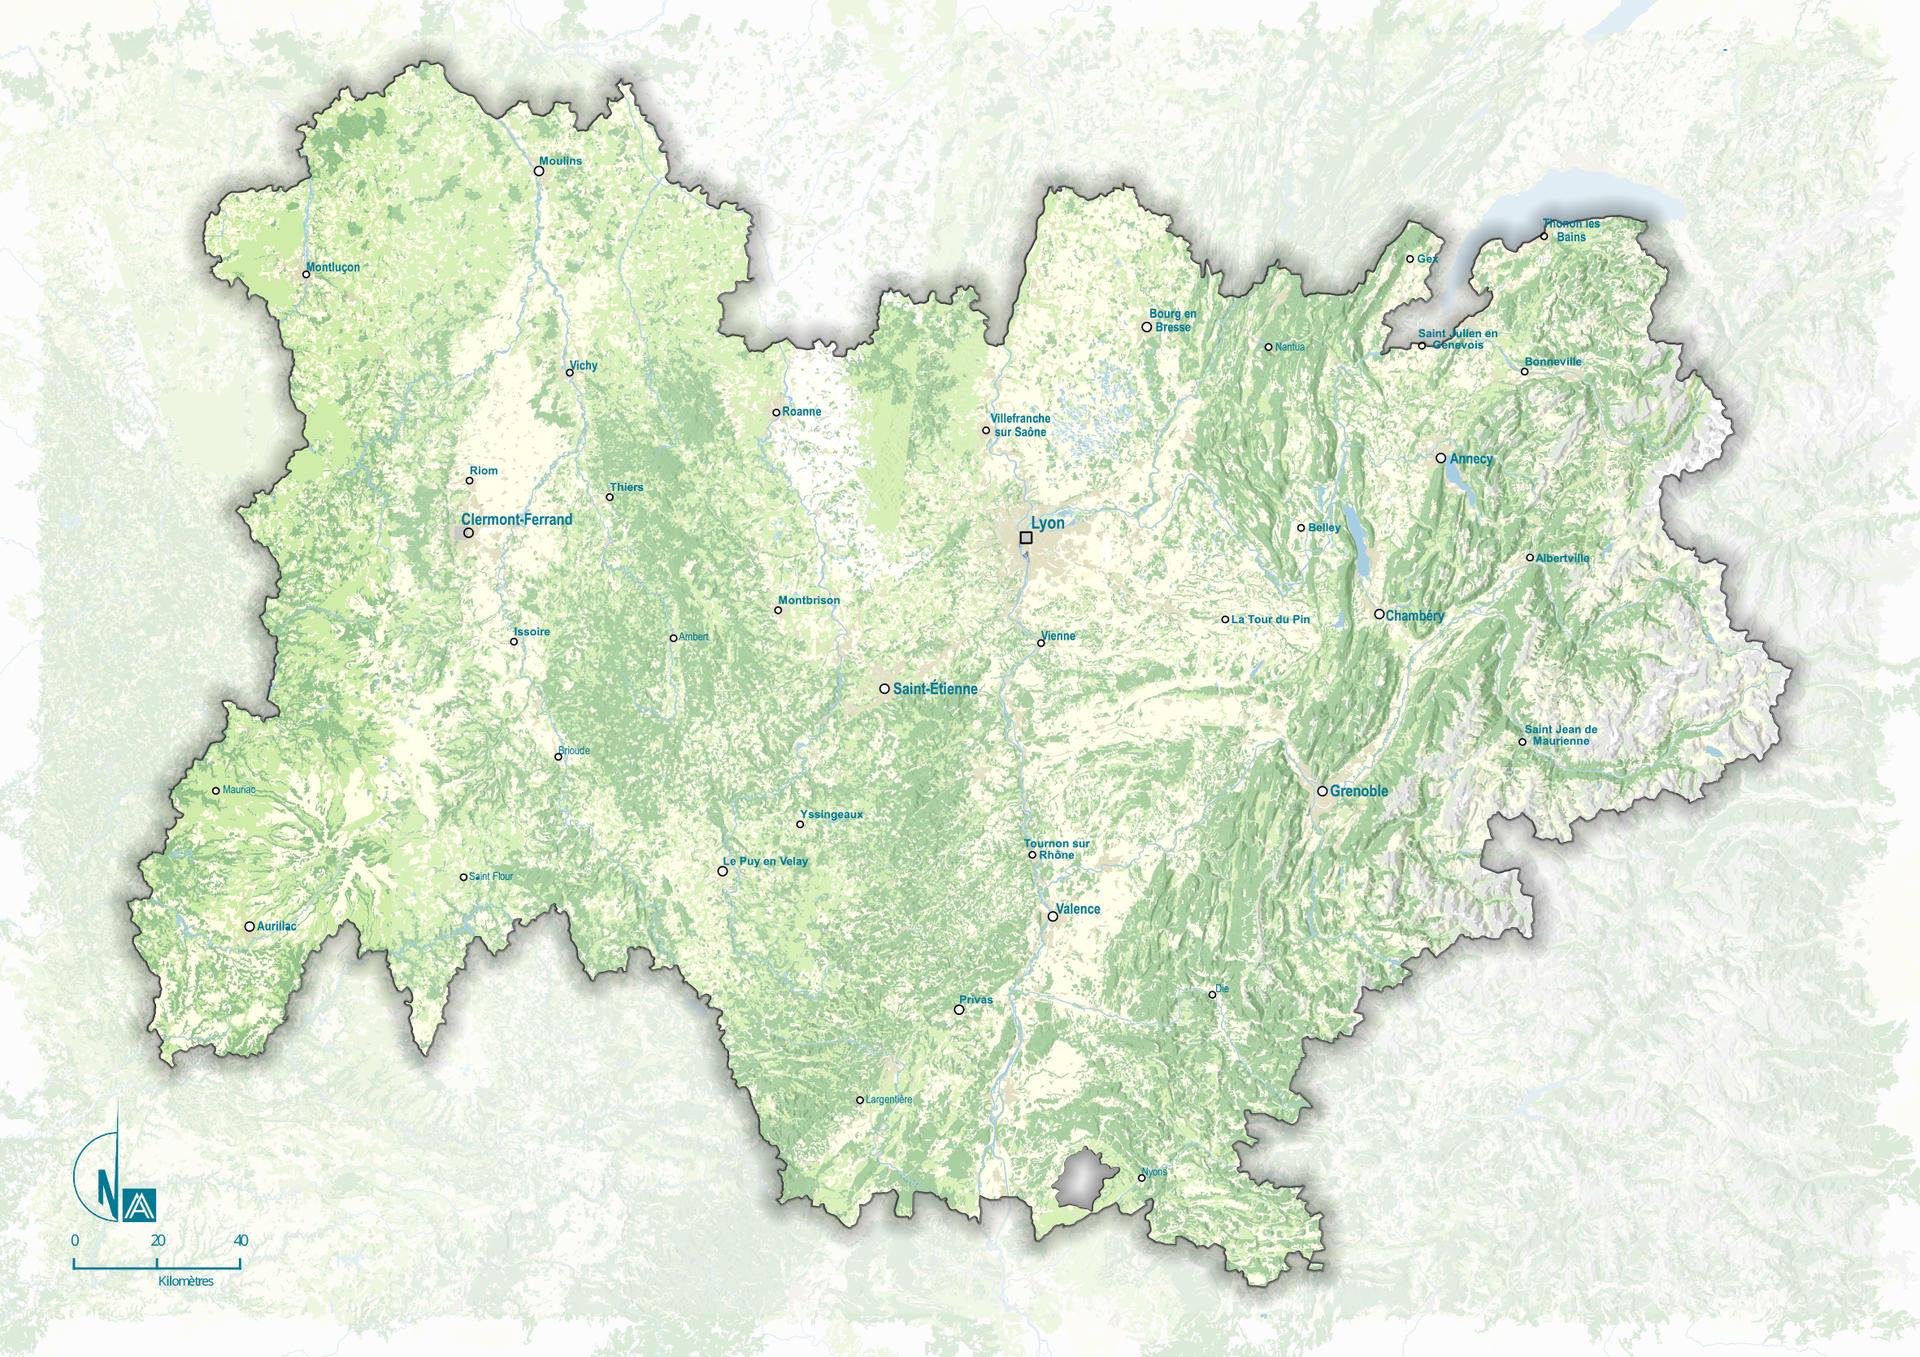 Élections régionales 2021 : déclaration commune de collectifs Ensemble! de la région Auvergne-Rhône-Alpes